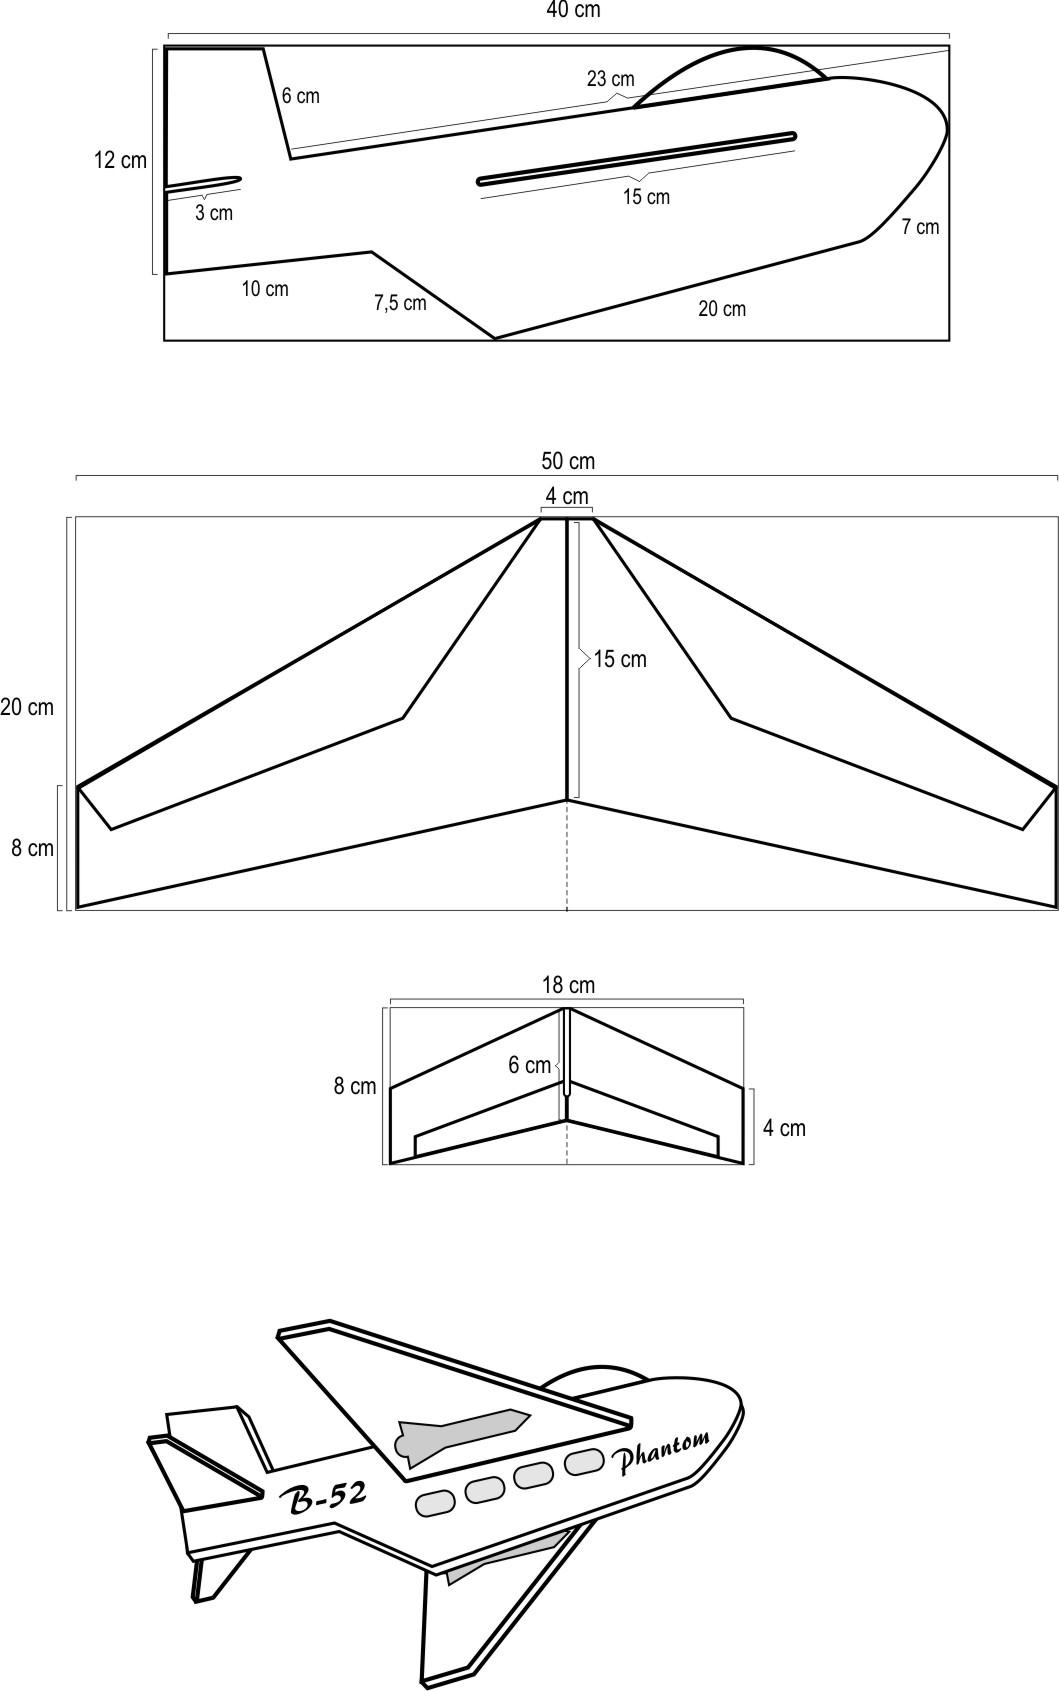 Cara Membuat Pesawat Kertas Yang Bisa Terbang Super Jauh: Membuat Pesawat RC (Remote Control